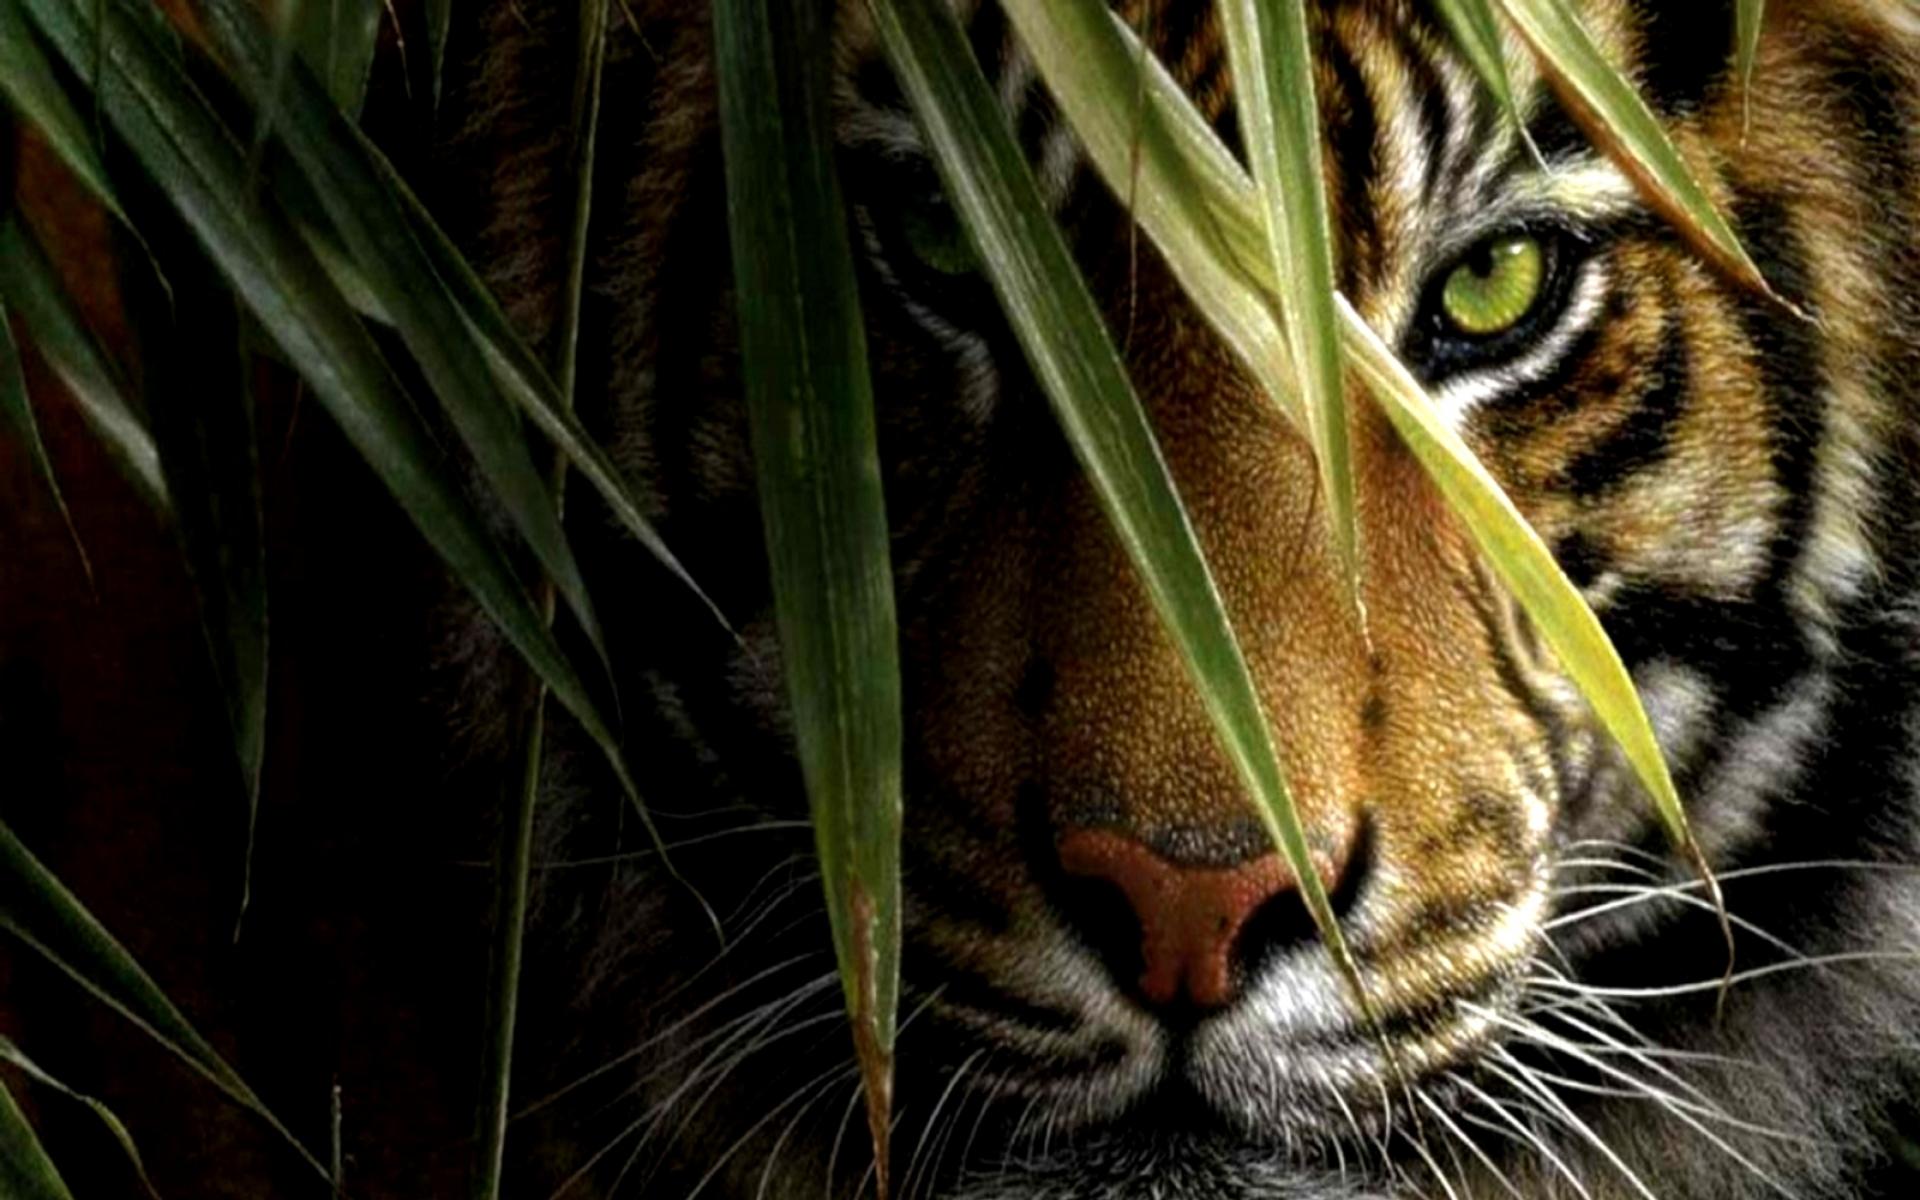 Tiger HD Wallpaper Download Tiger Desktop HD Wallpaper HD 1920x1200